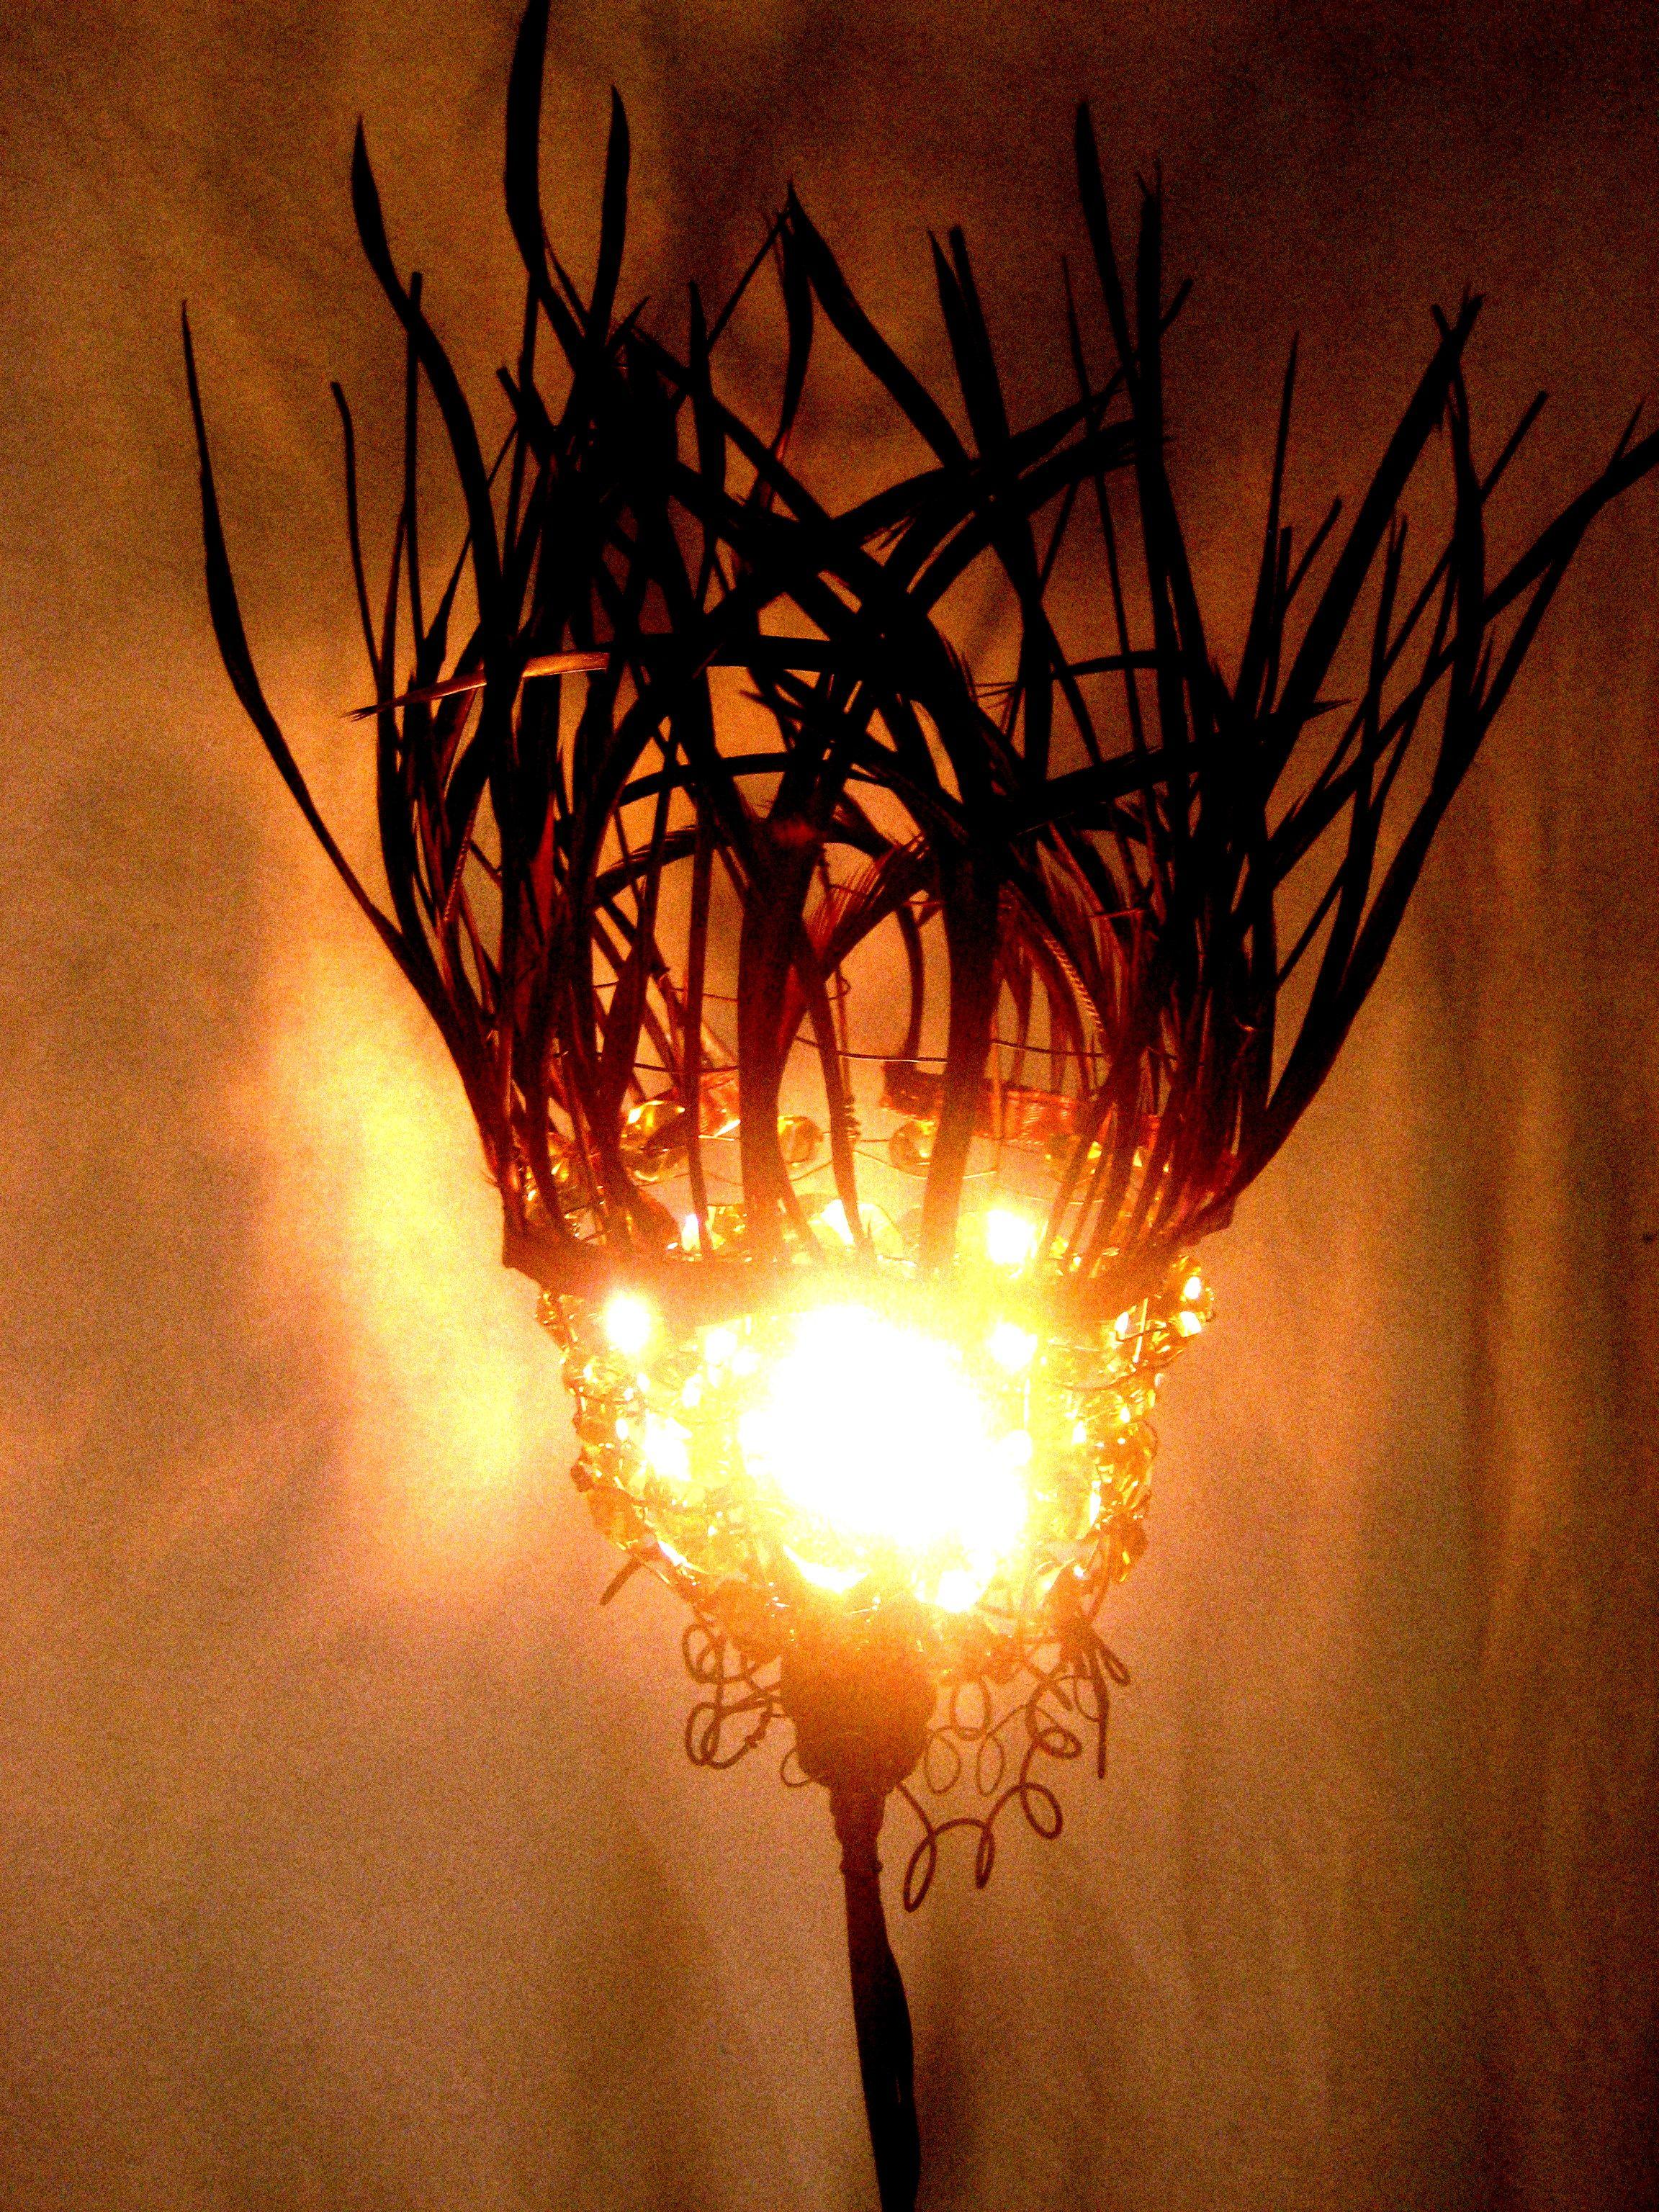 lamparas hechas a mano, con cariño y mucho arte